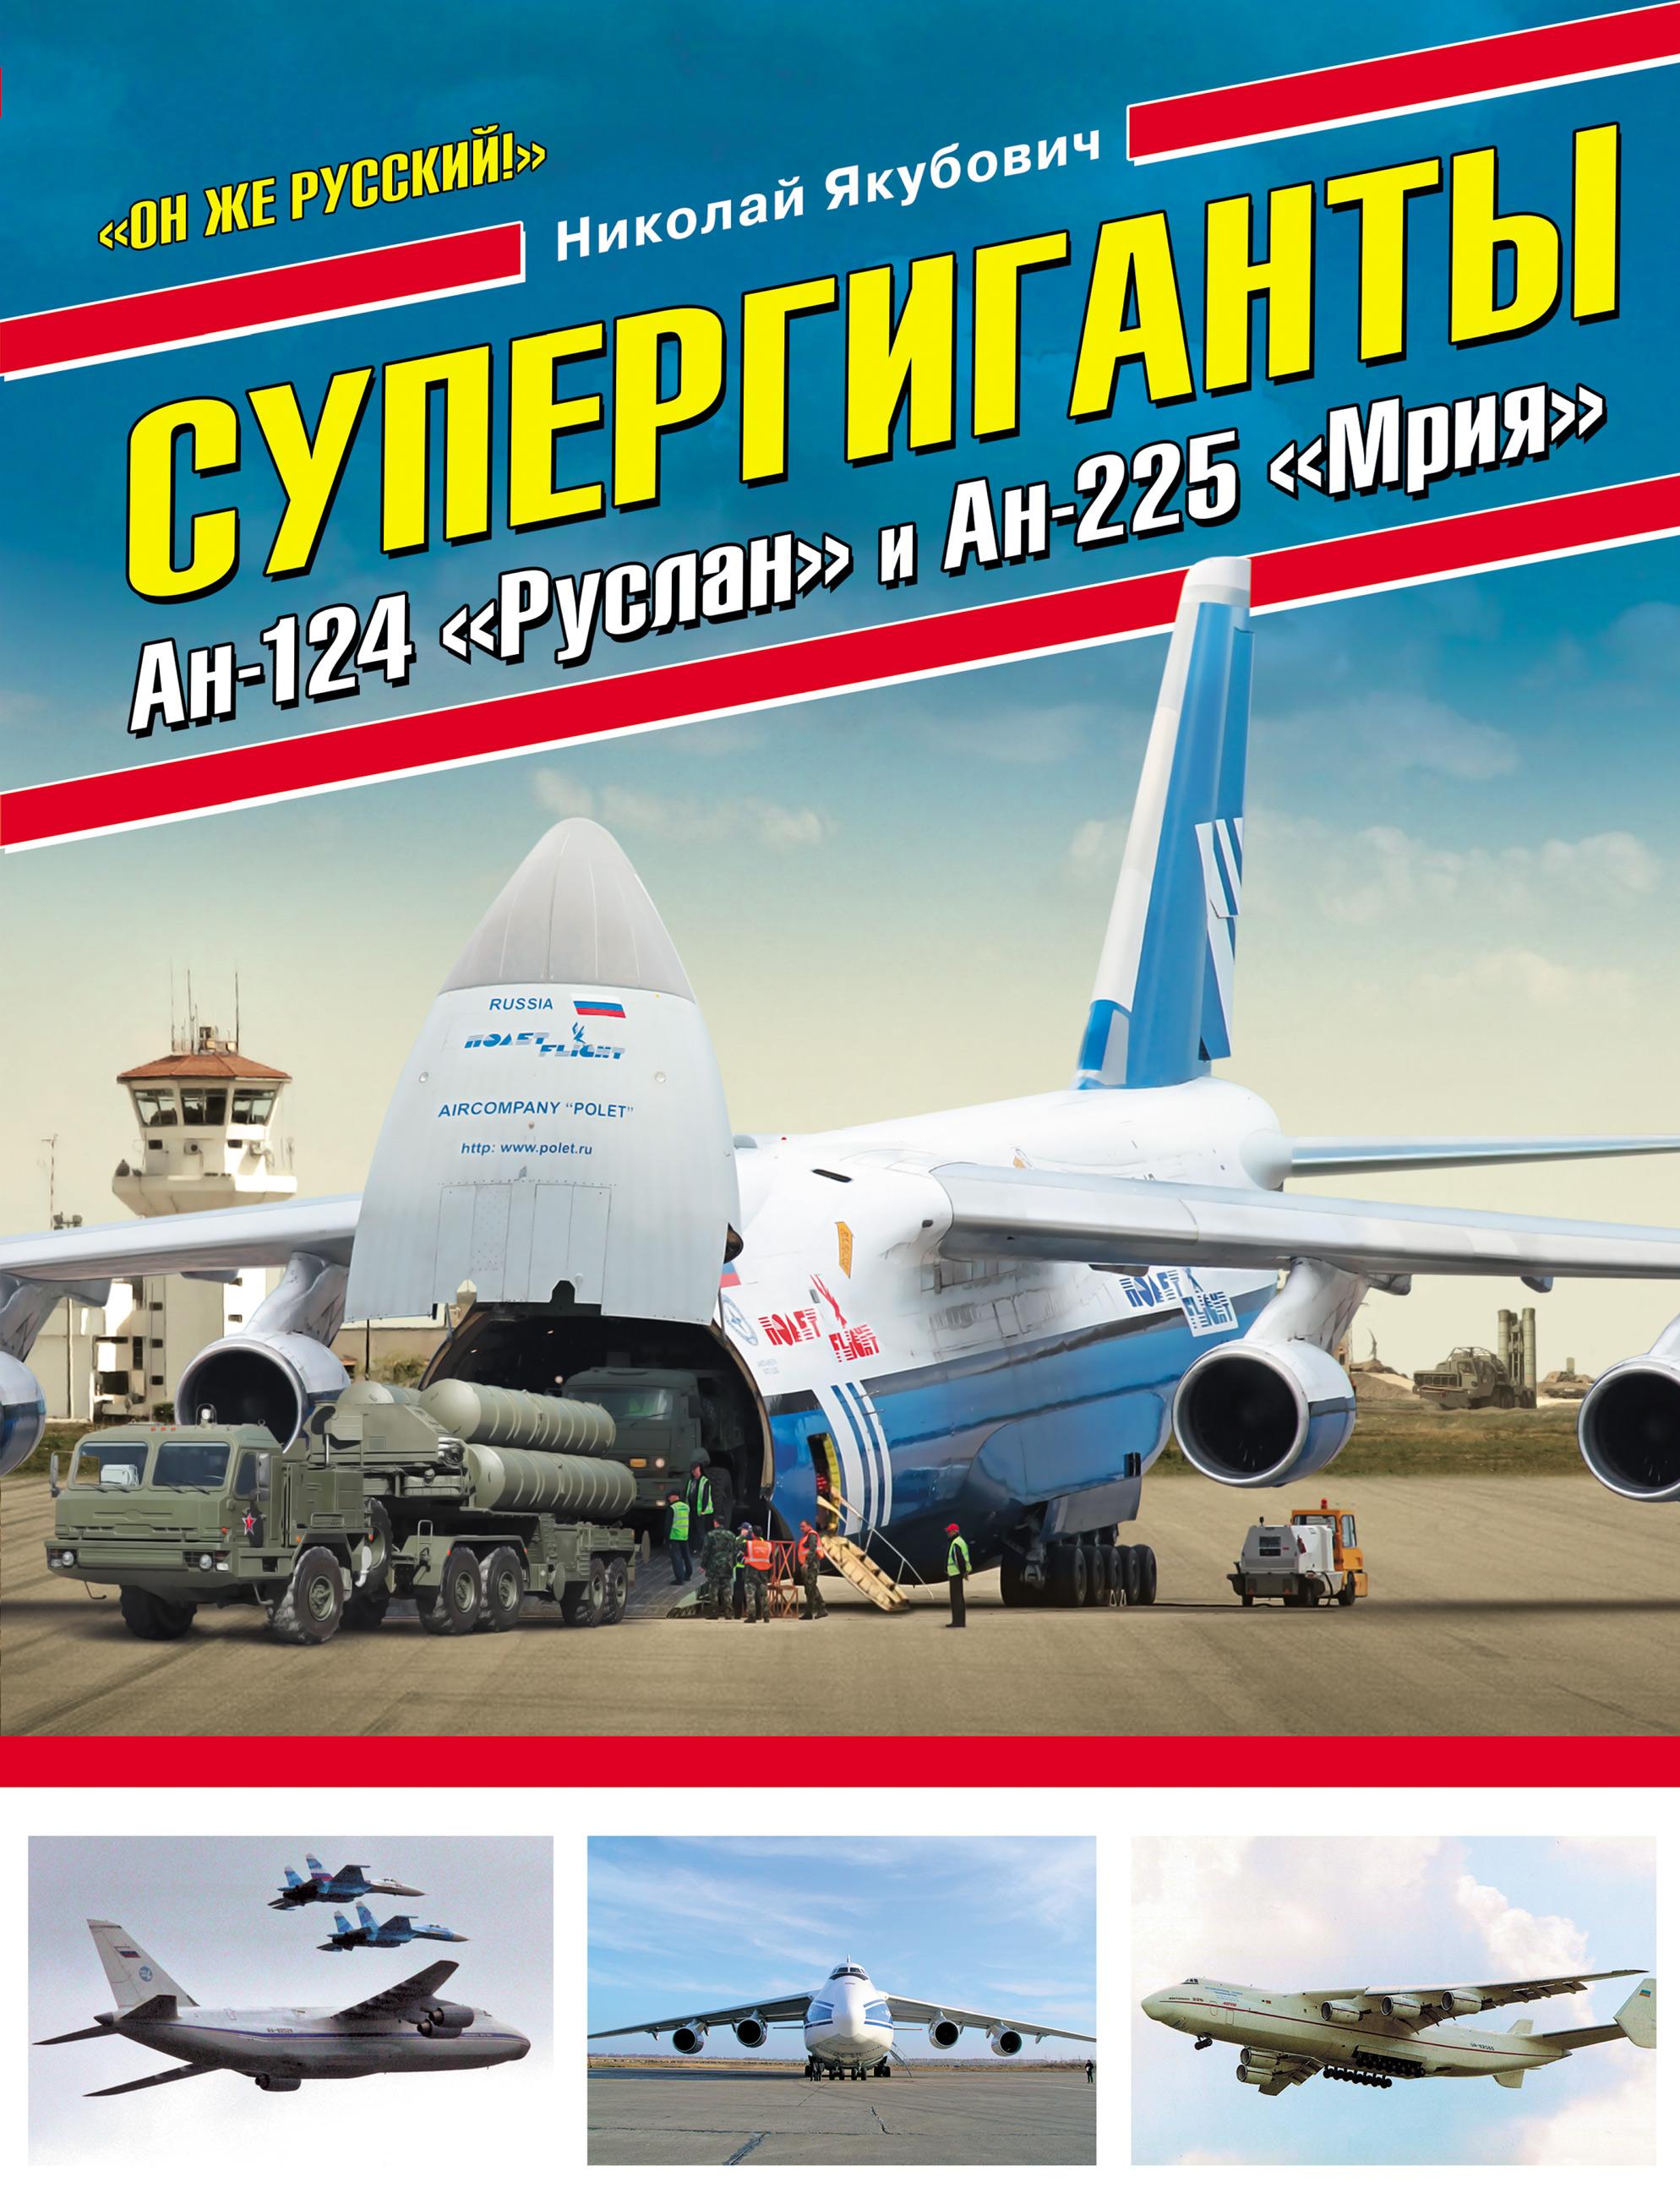 Николай Якубович Супергиганты Ан-124 «Руслан» и Ан-225 «Мрия». «Он же русский!» цена